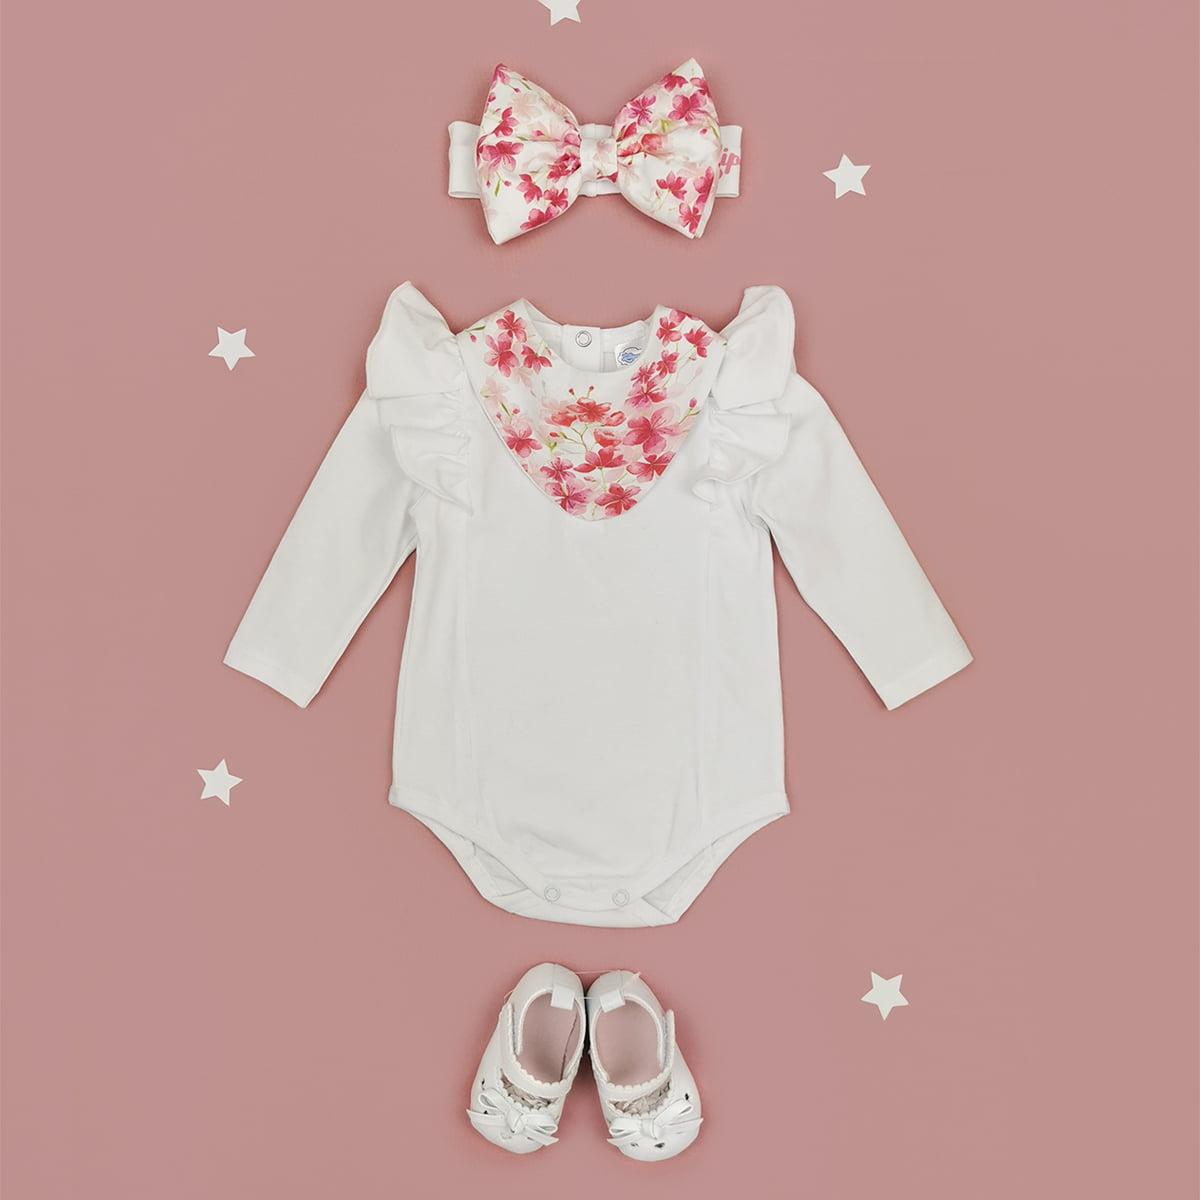 bijeli komplet za bebe bella s cvjetnim detaljima